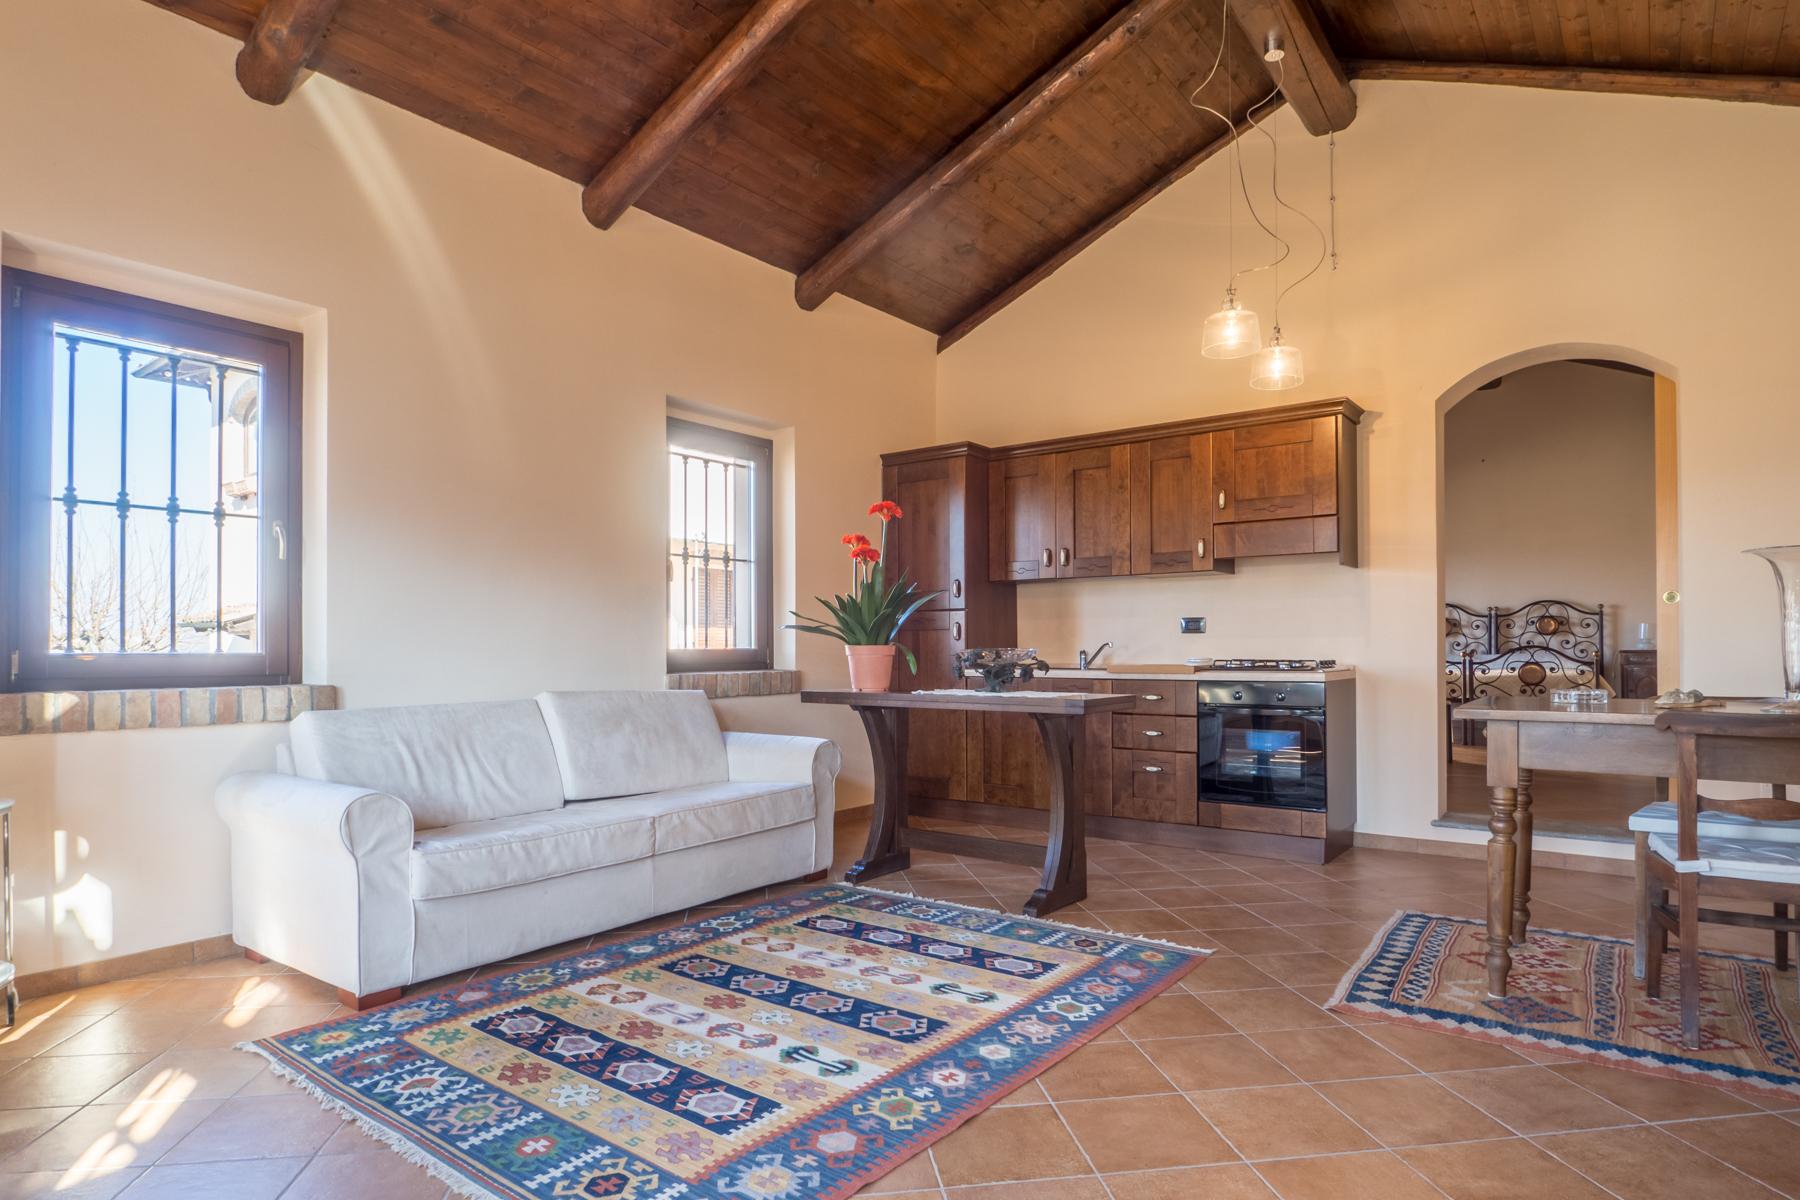 Villa in Vendita a Nizza Monferrato: 5 locali, 400 mq - Foto 7